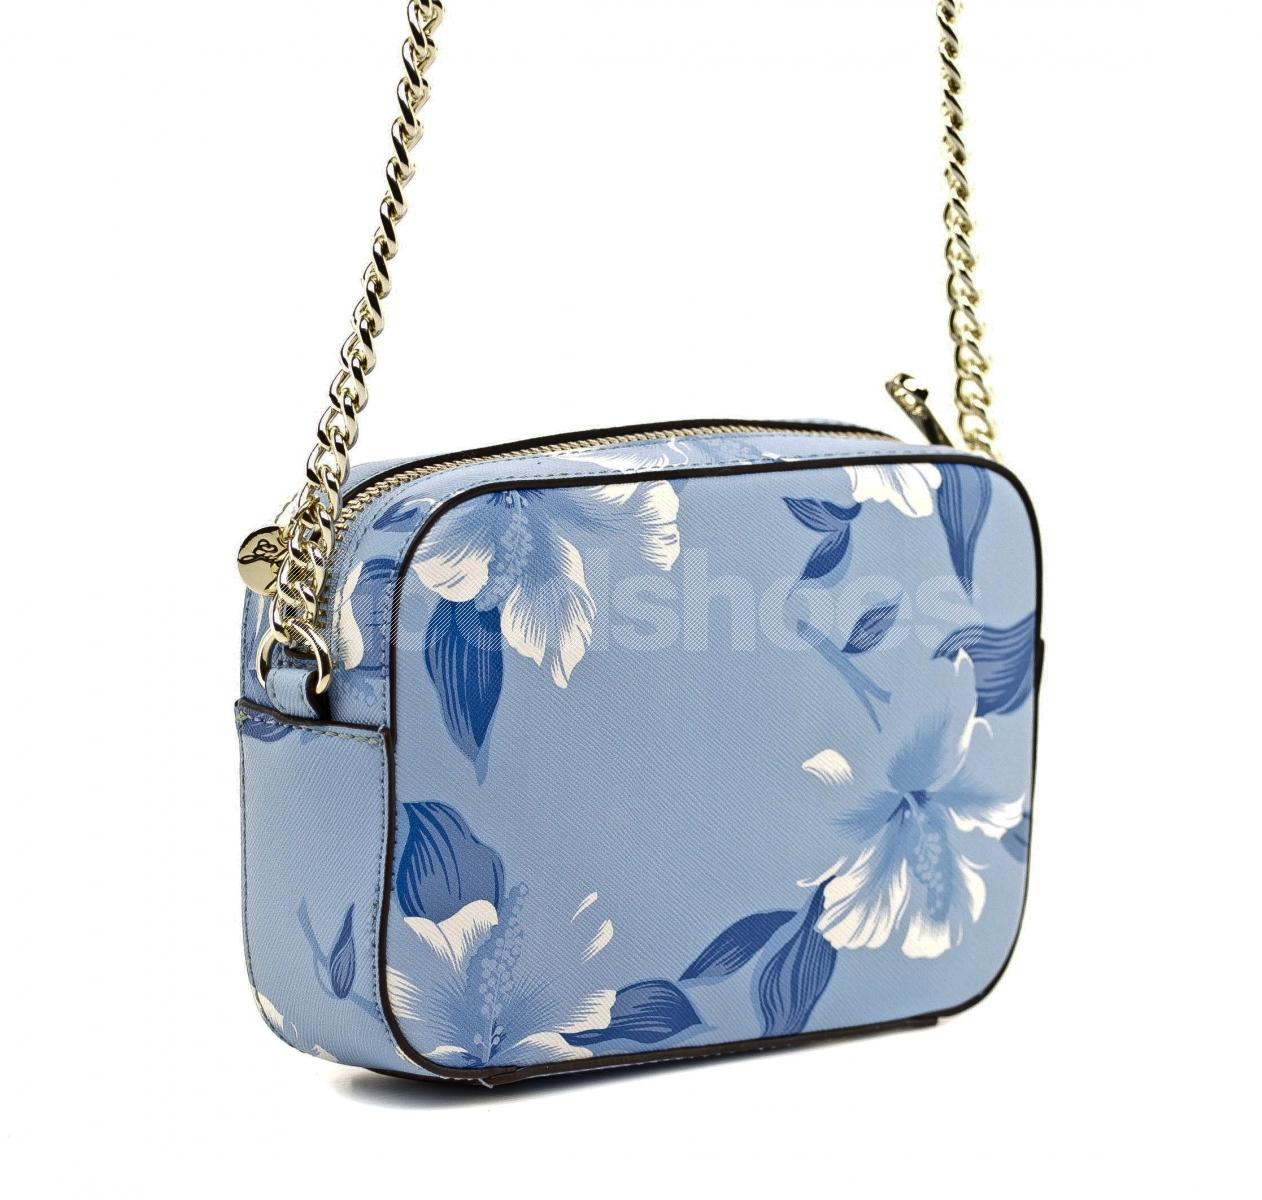 69f8b8f21c3e3 ... Listonoszka Damska GUESS Niebieska W Kwiaty 22 HWISAH P7212 BLM ...